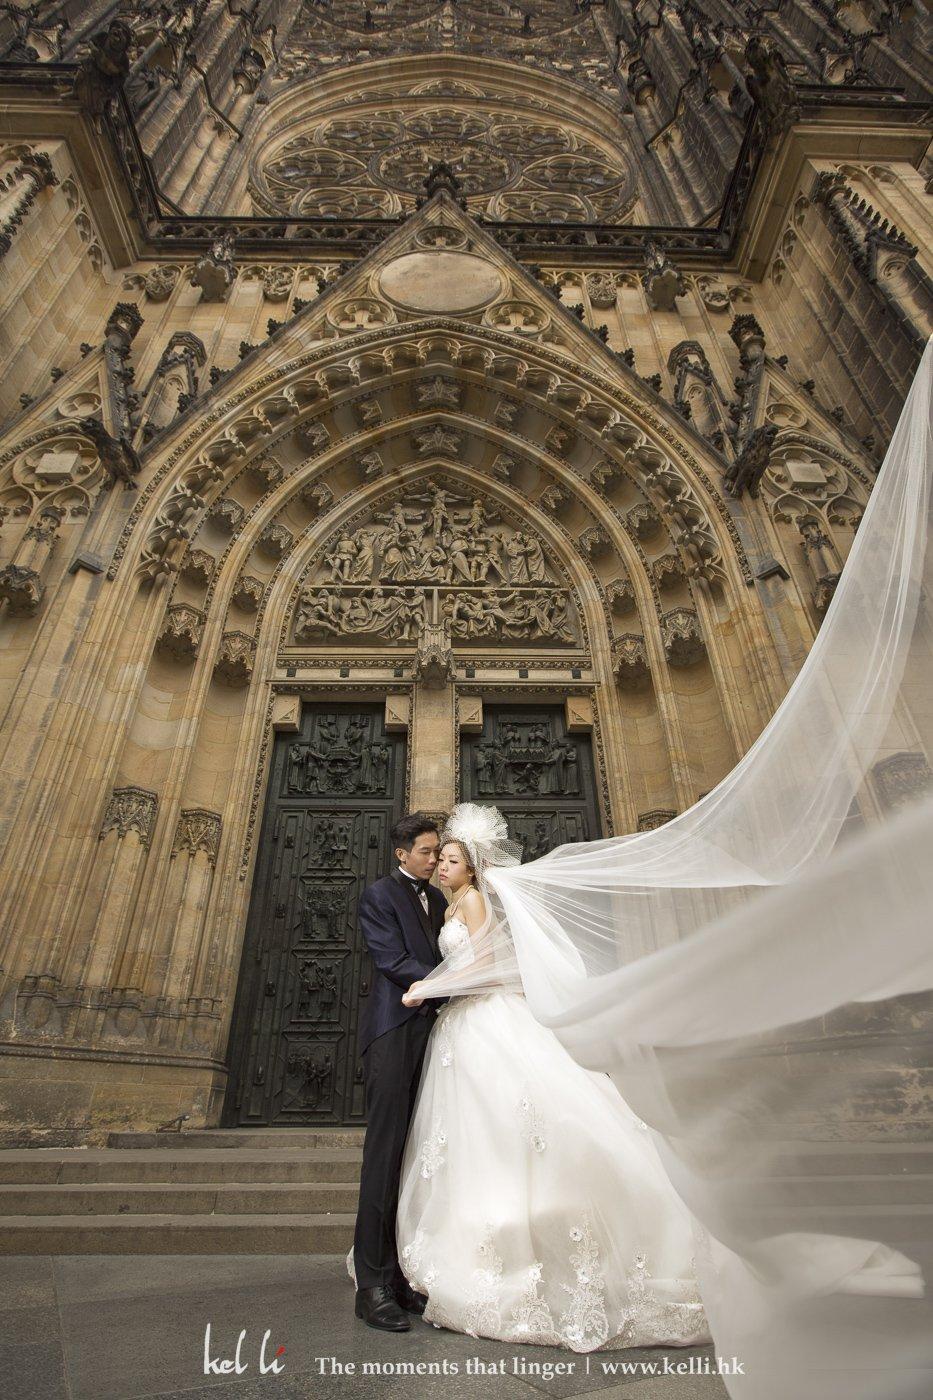 宏伟的圣维特大教堂,吹著很大风,这时的头纱就能更有不同的型状